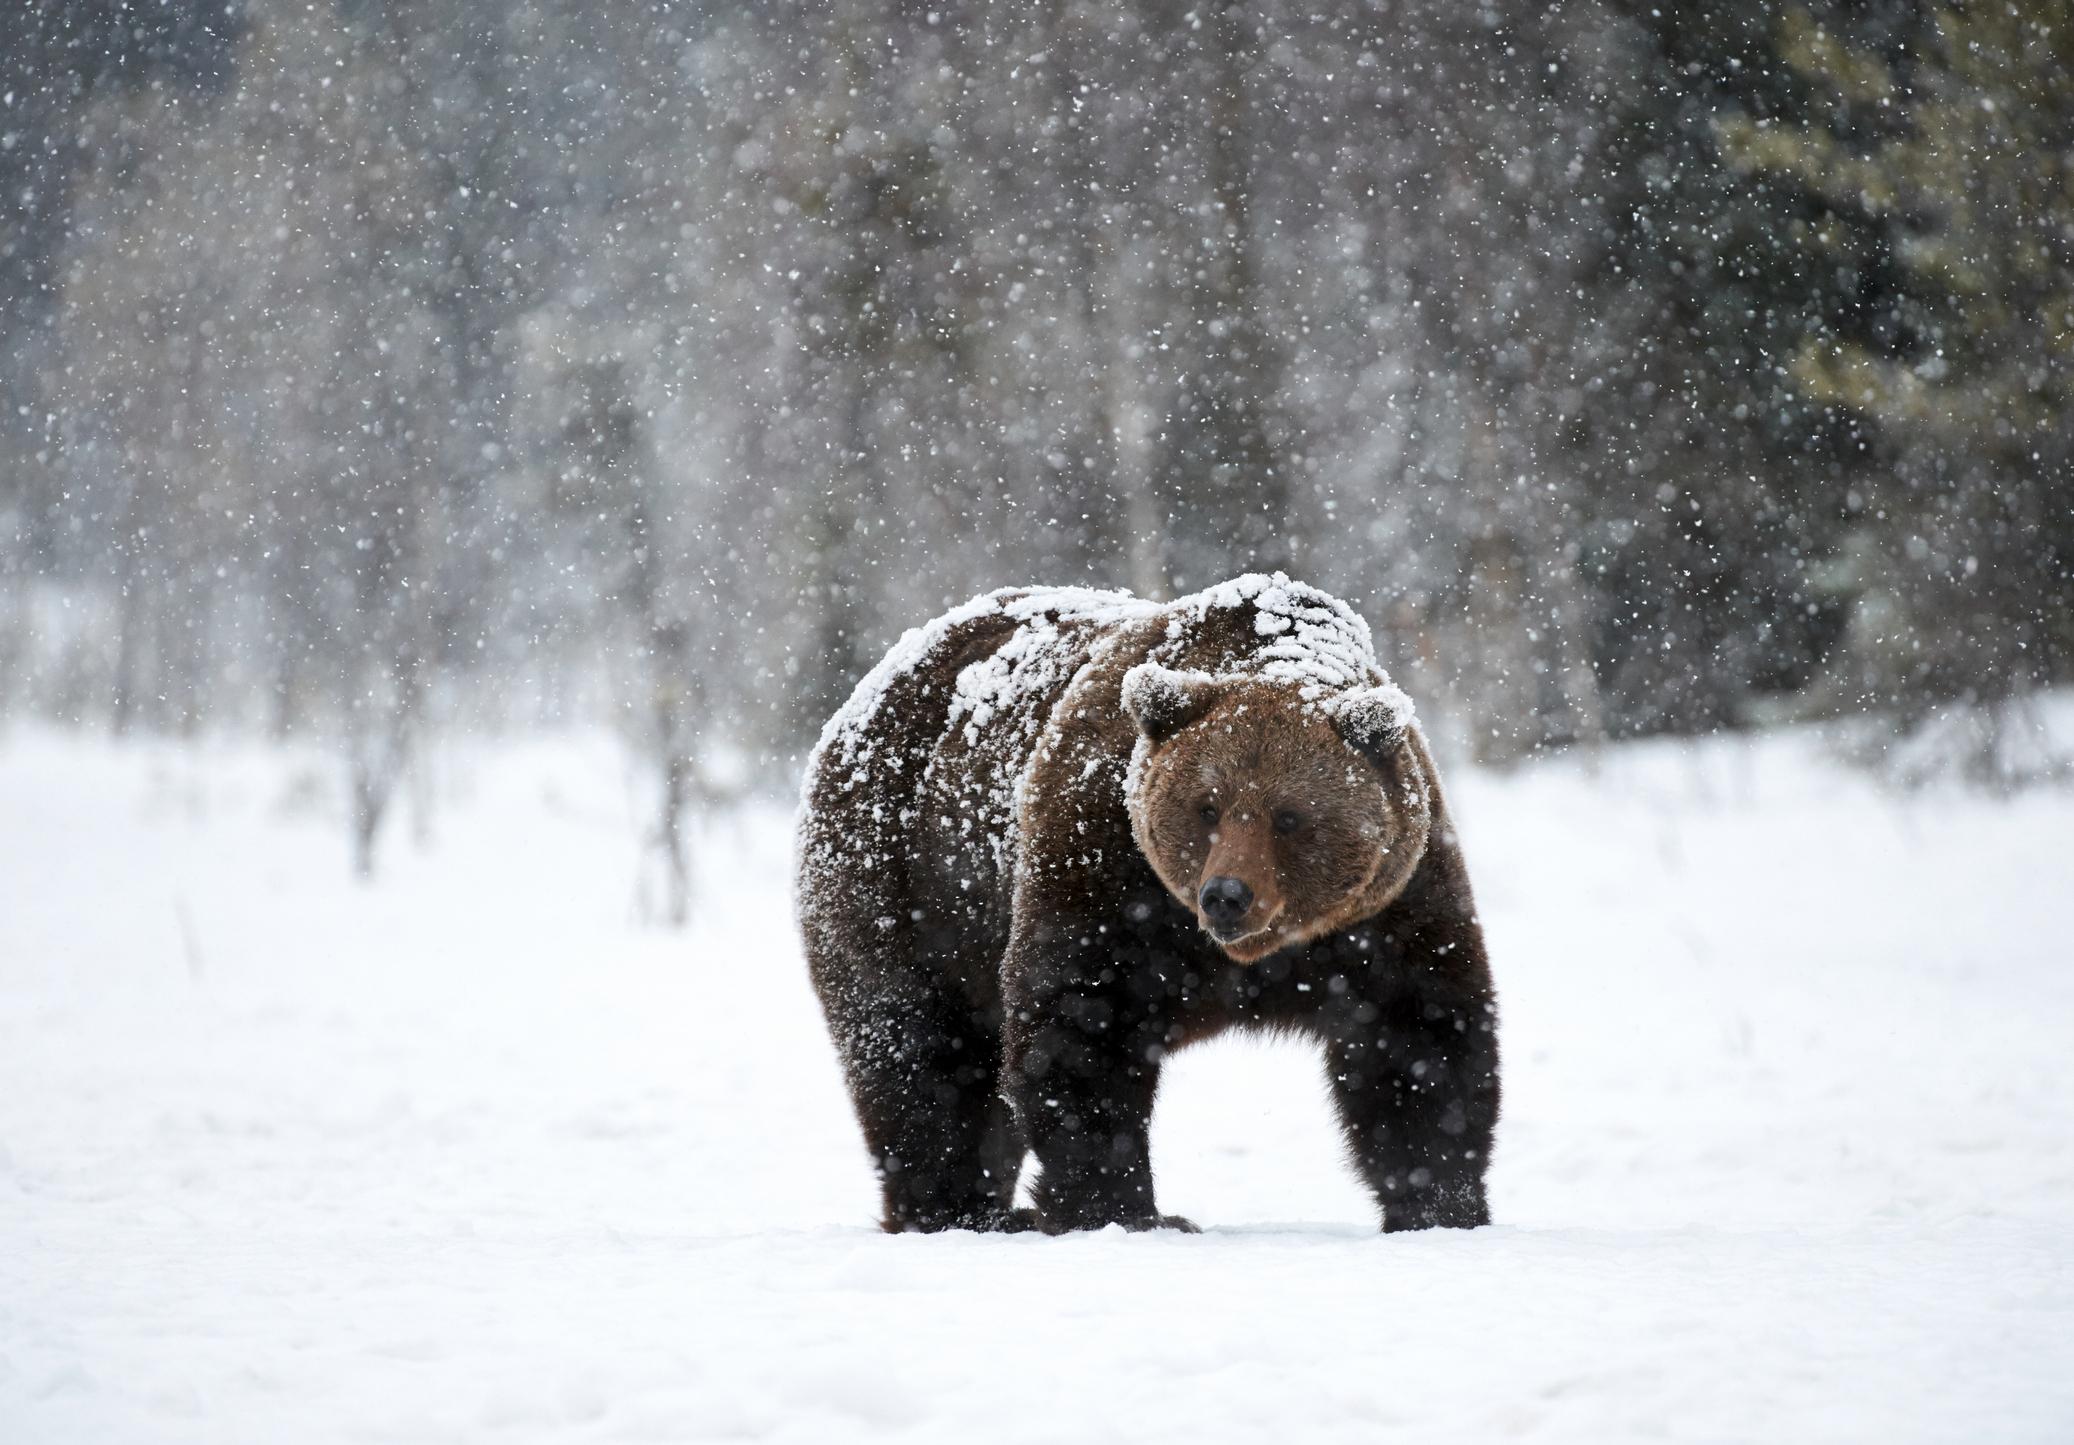 Urs surprins într-o ipostază amuzantă, în Munții Retezat. Specialiștii Romsilva l-au numit Baloo